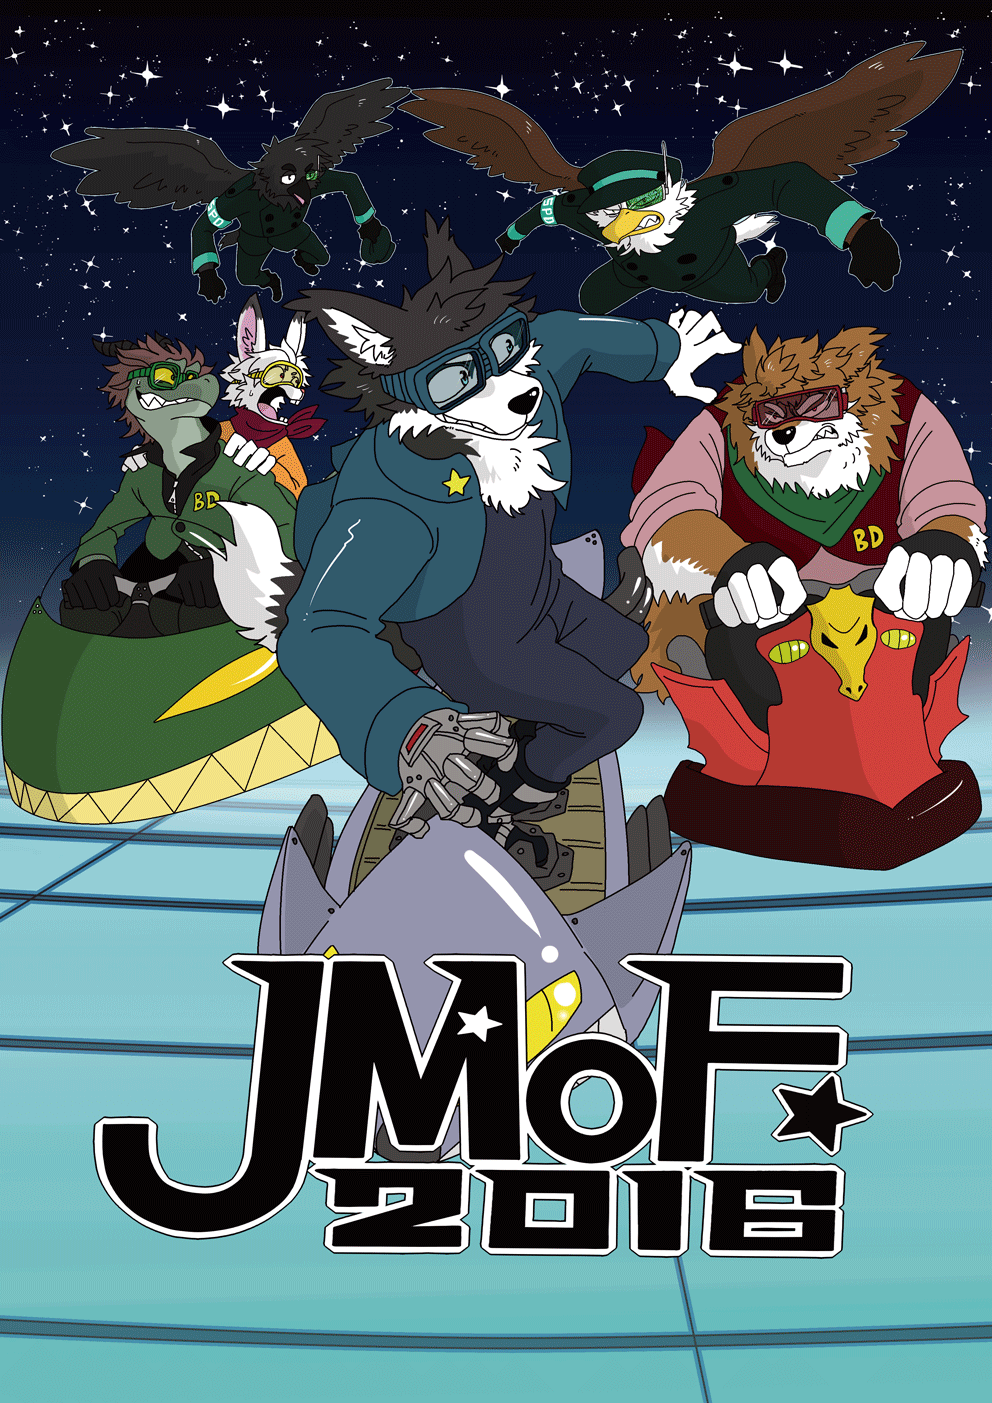 JMoF PR.